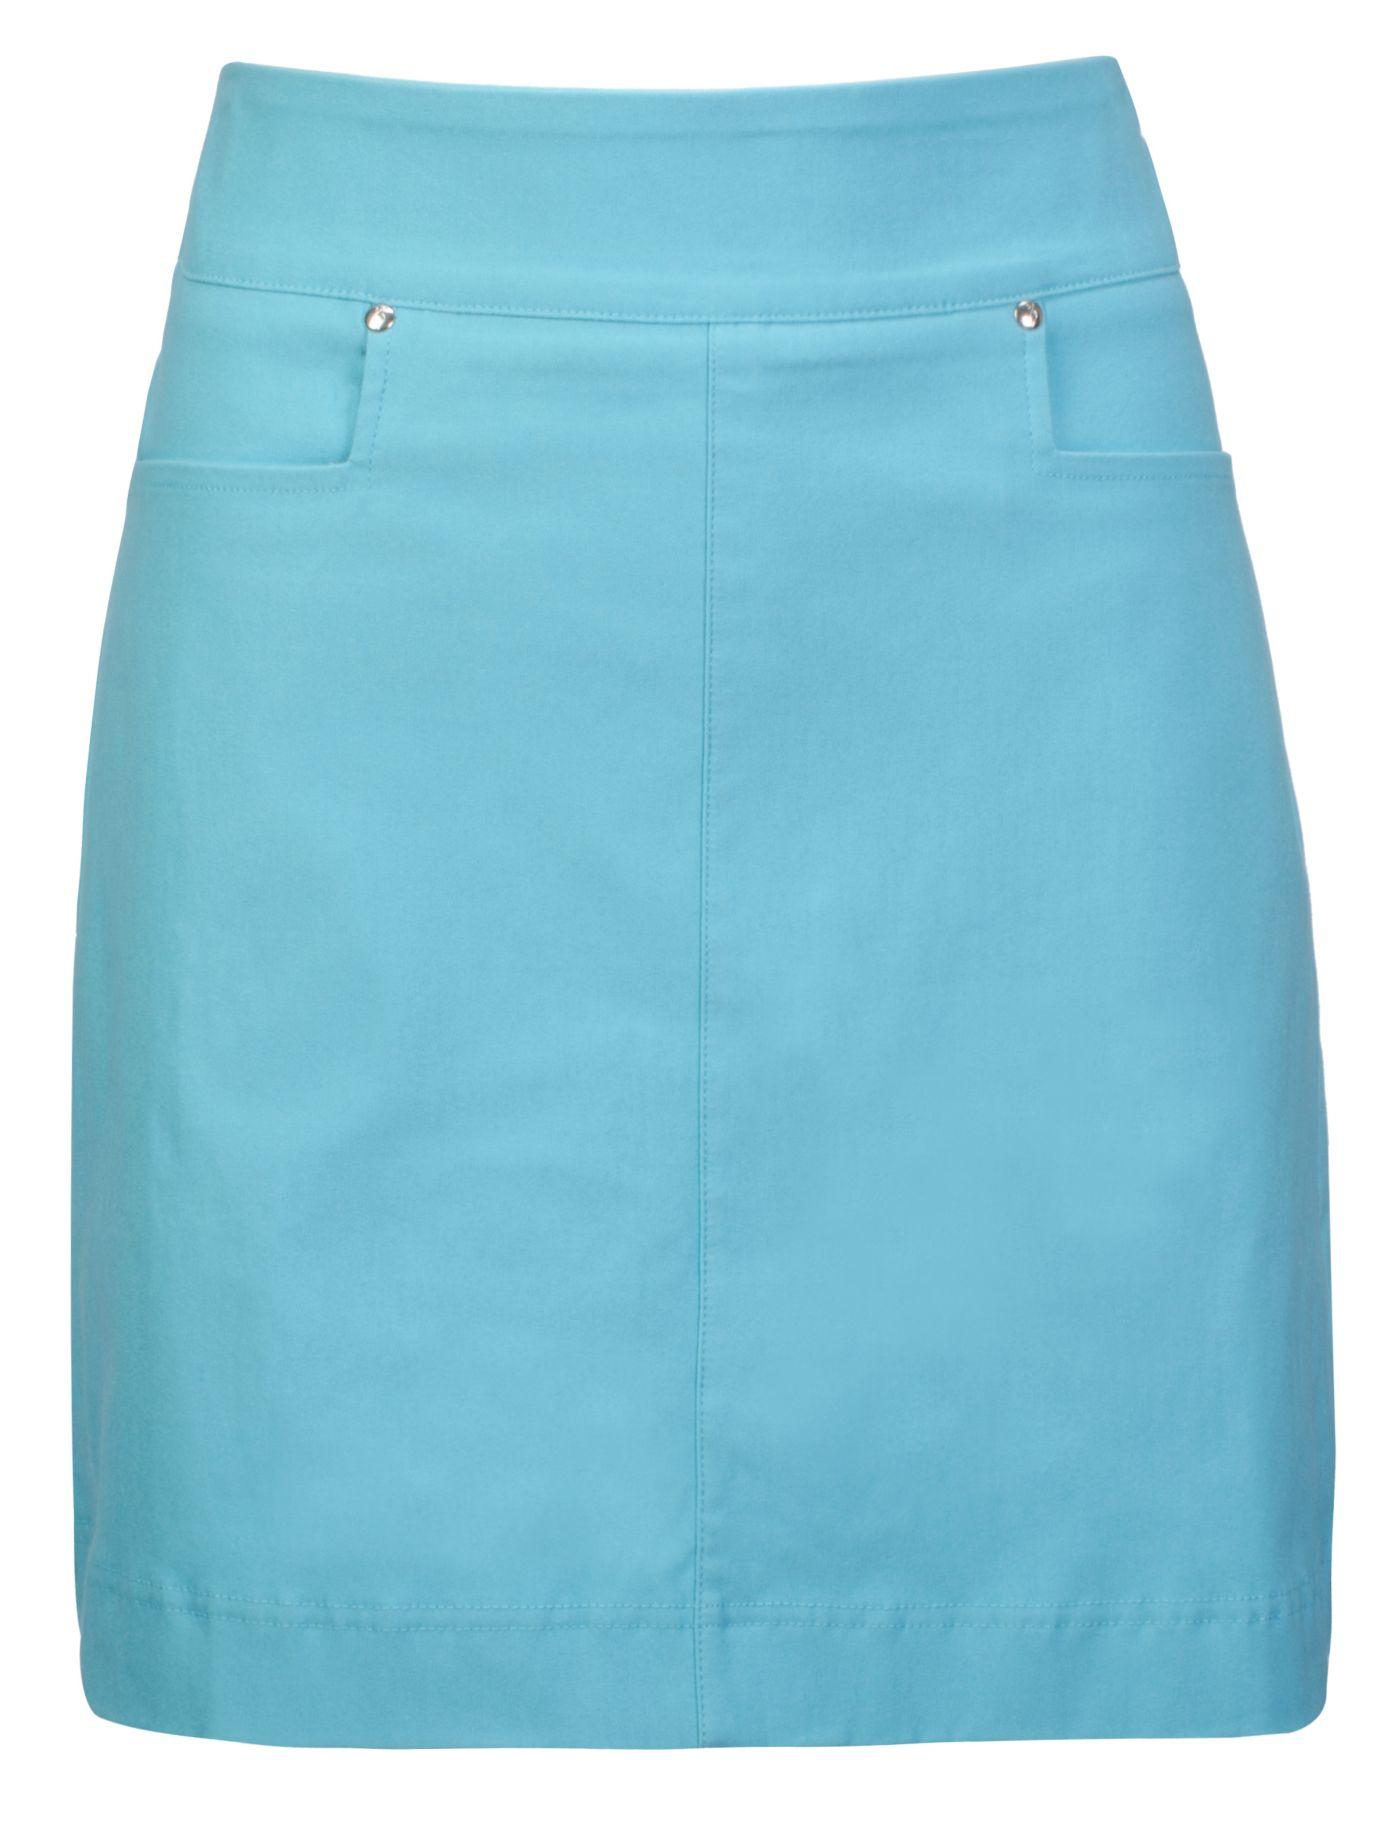 Nancy Lopez Women's Pully Golf Skort - Extended Sizes